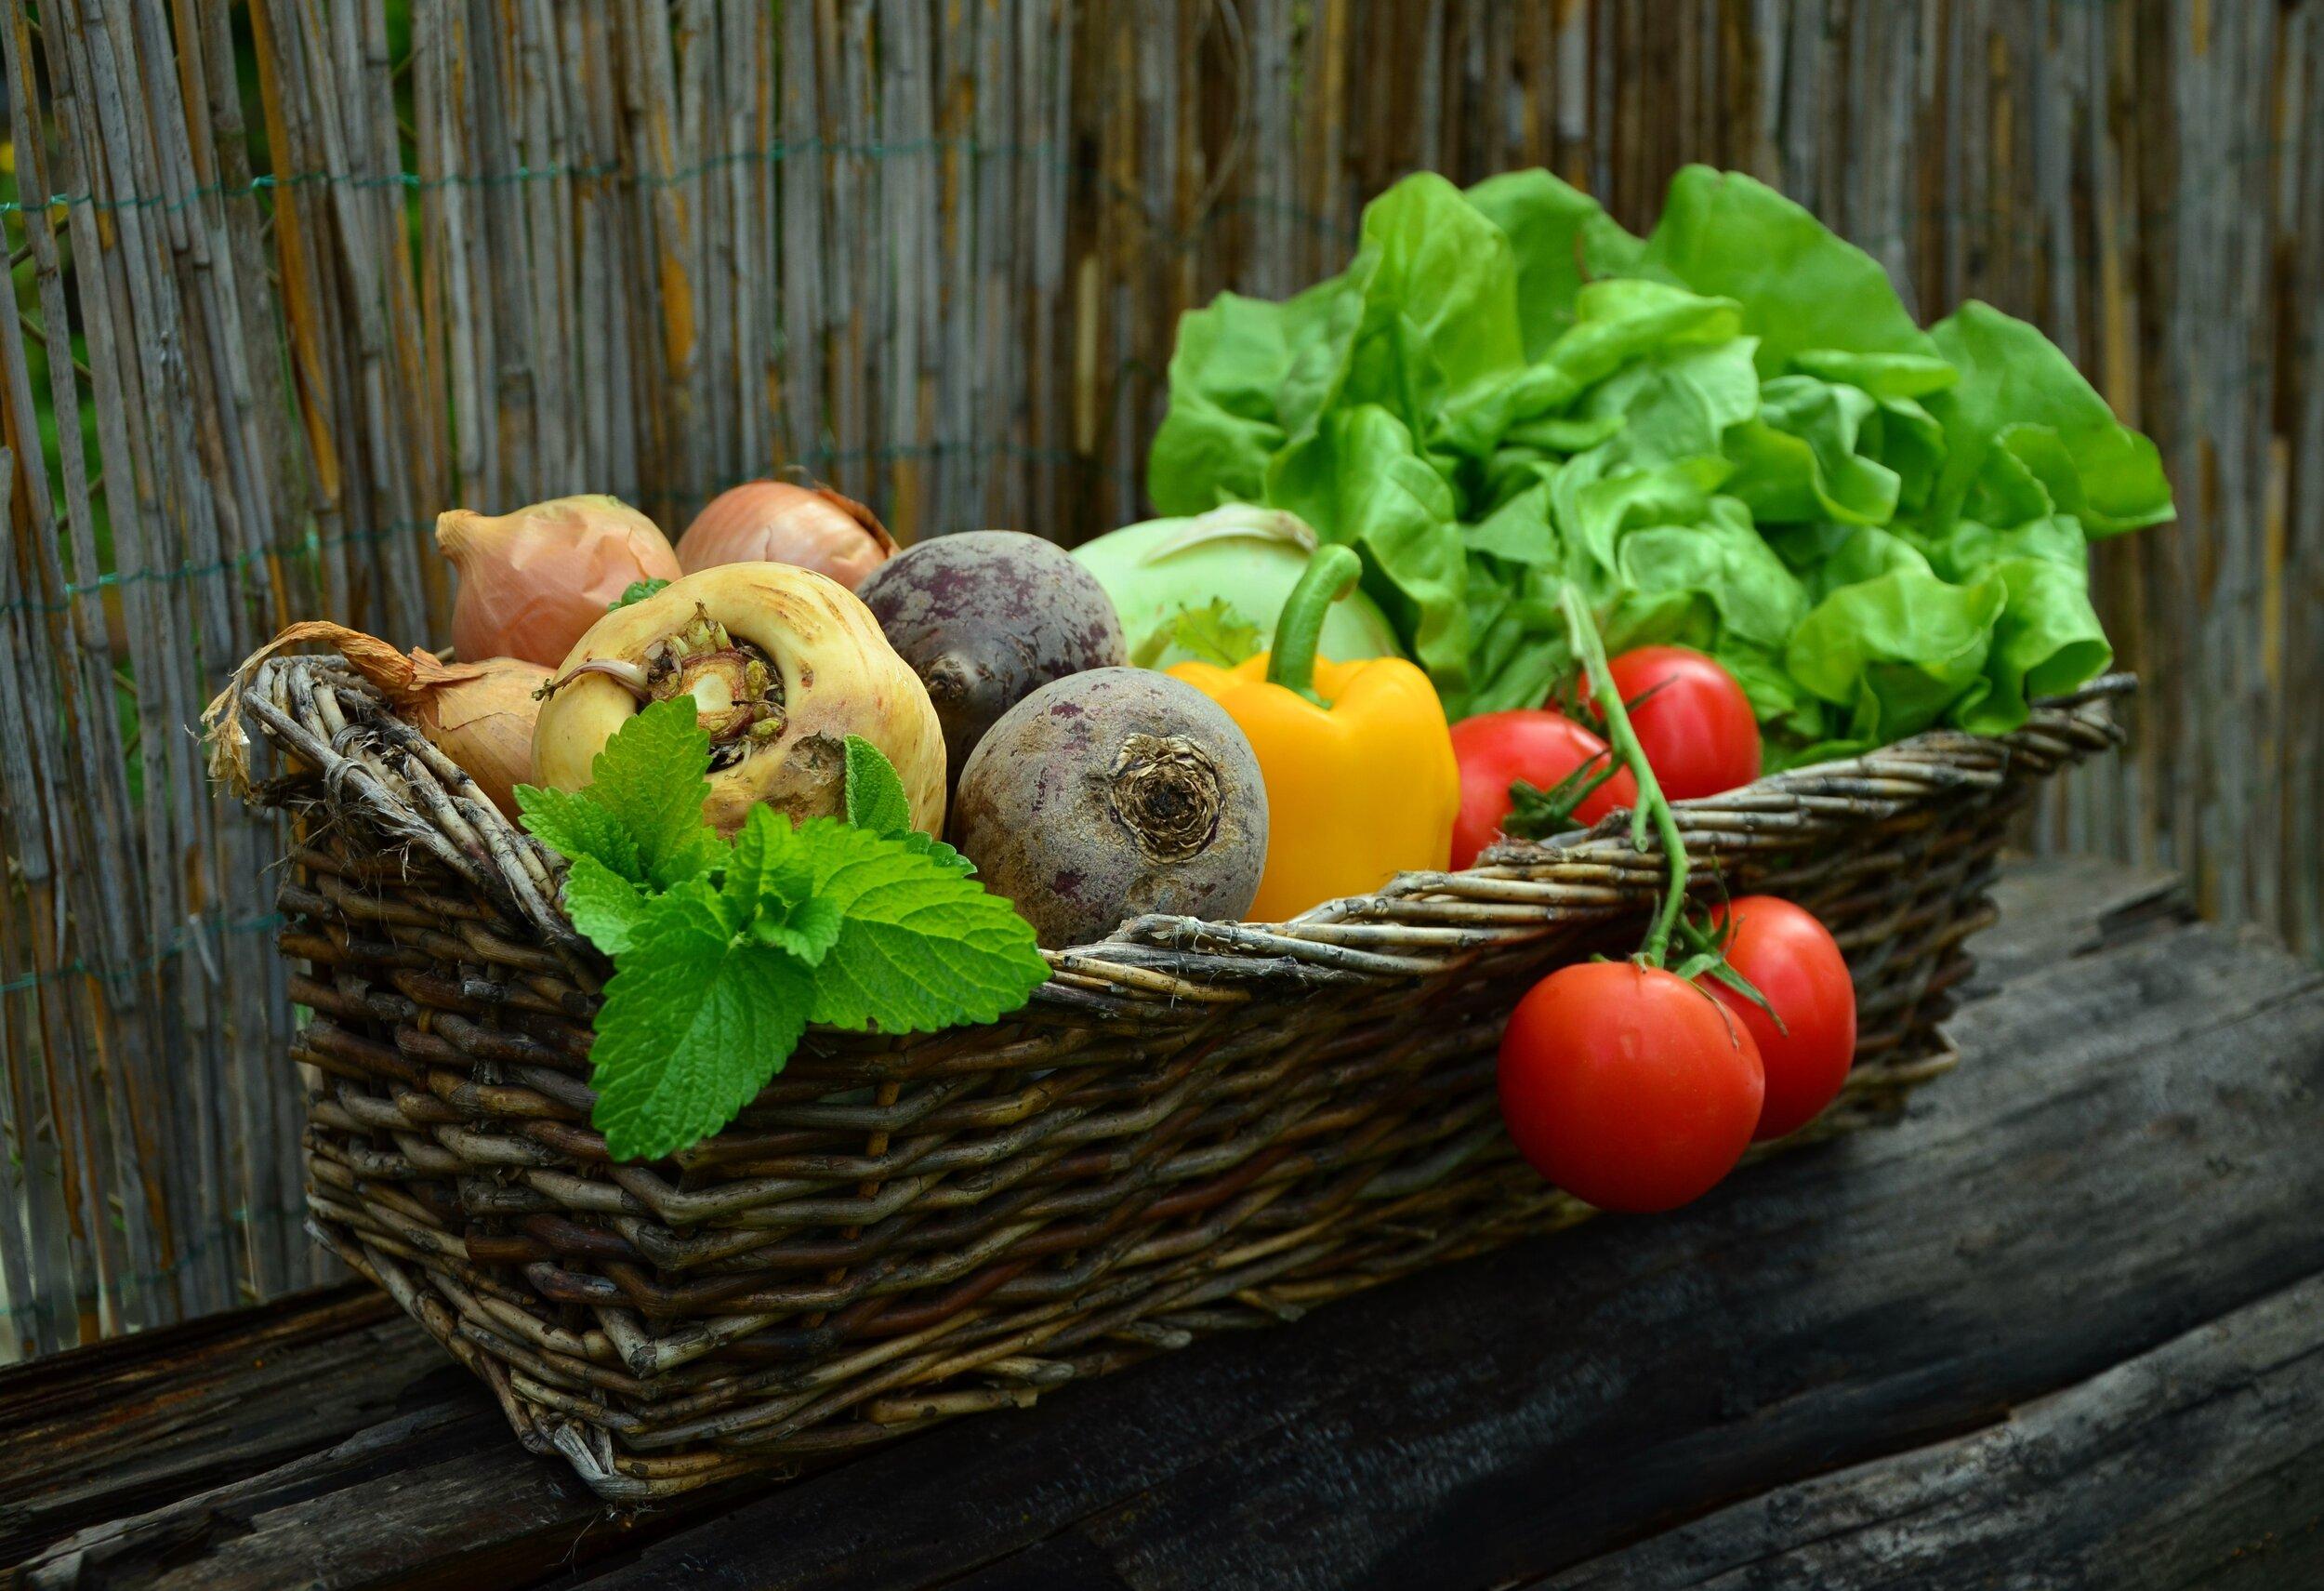 food-fresh-healthy-36740.jpg